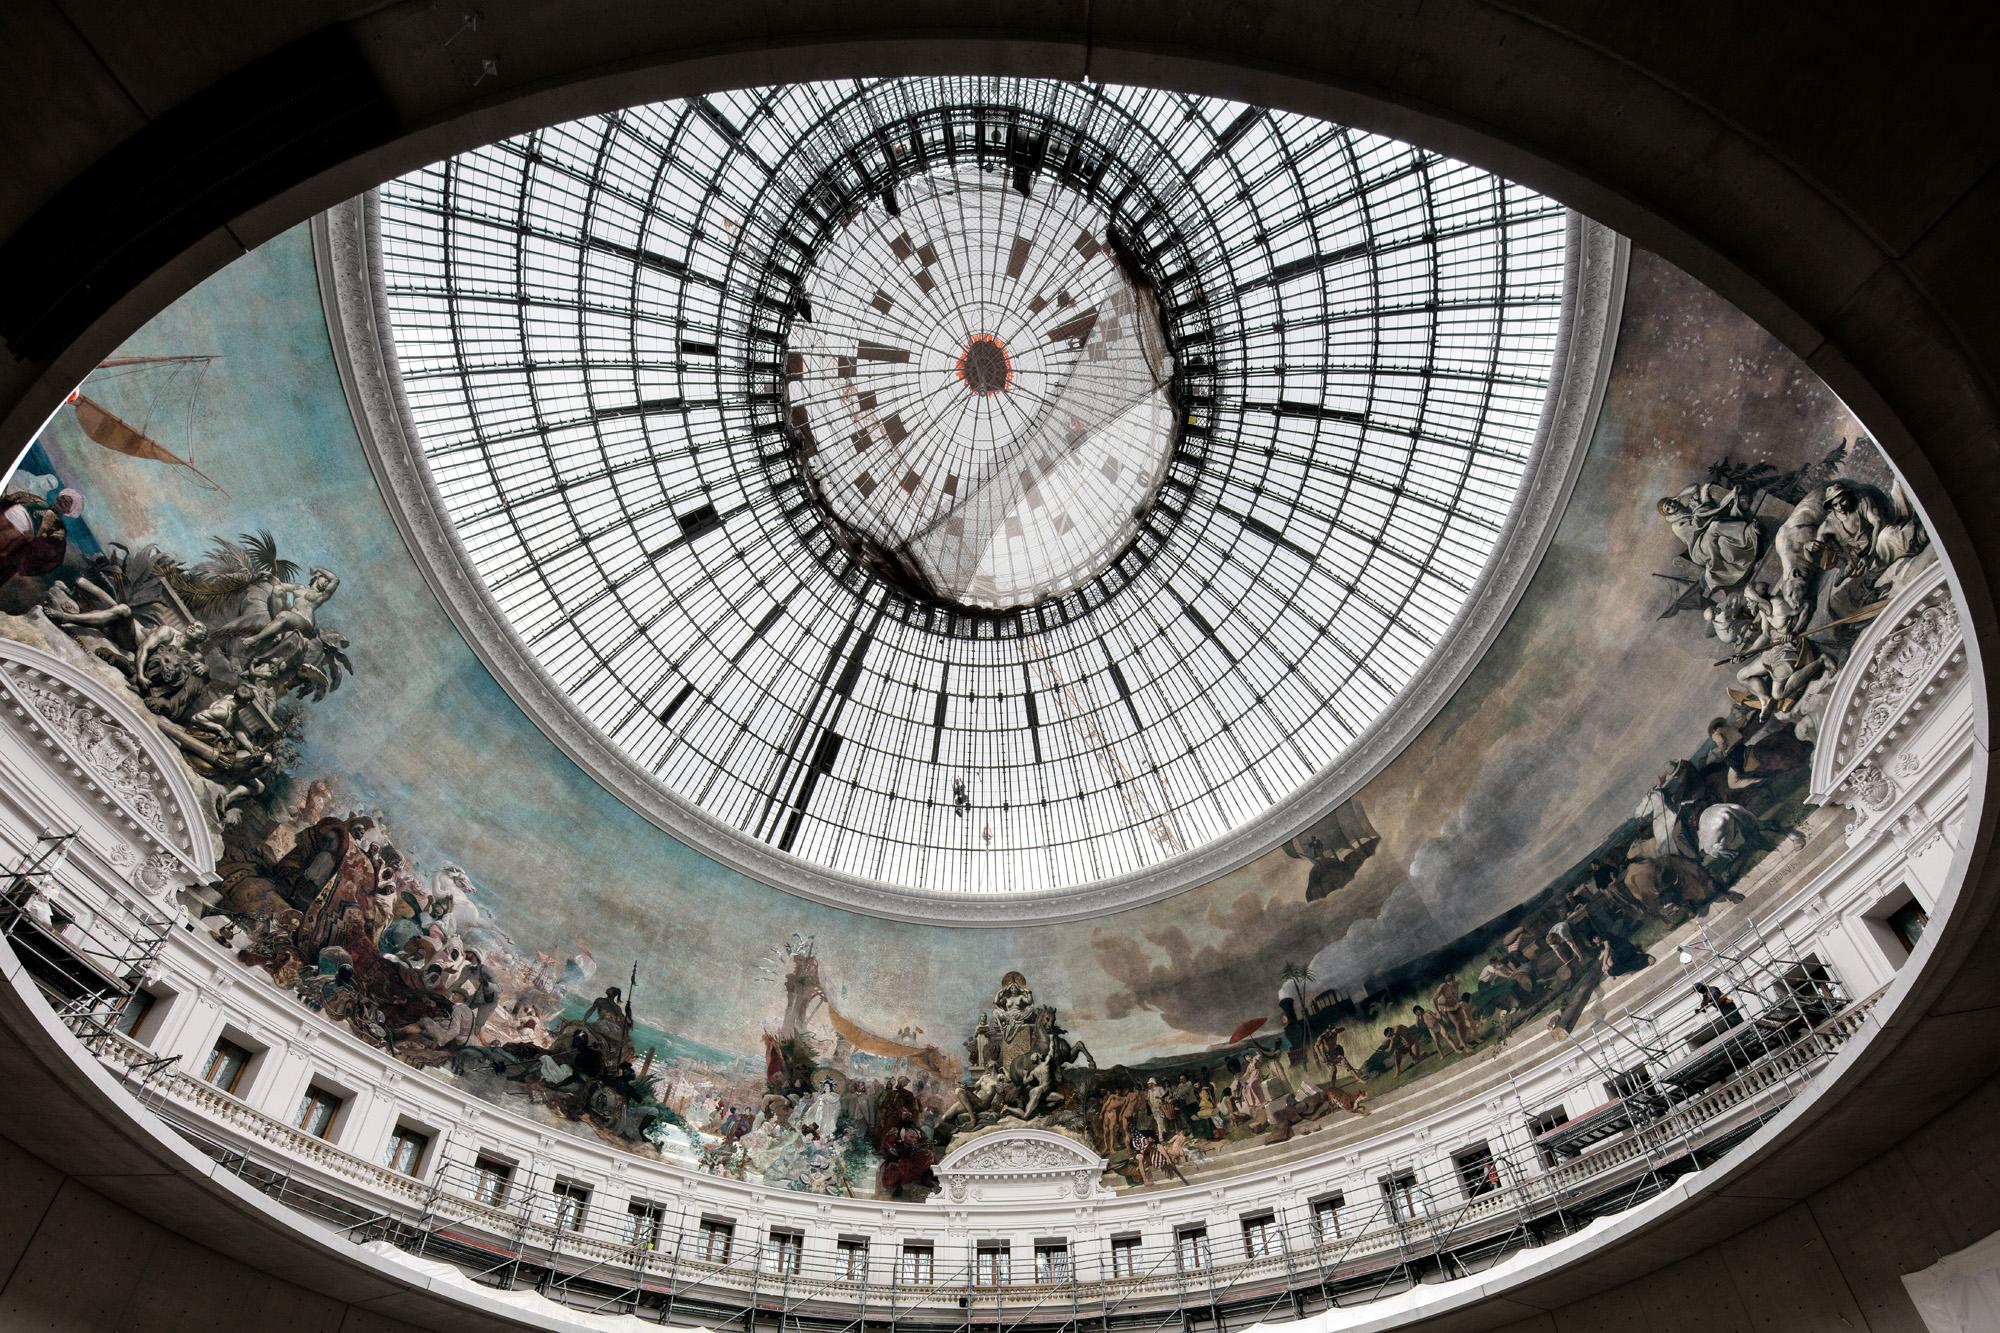 La bourse de commerce de Paris.Collection Pinault, Paris.